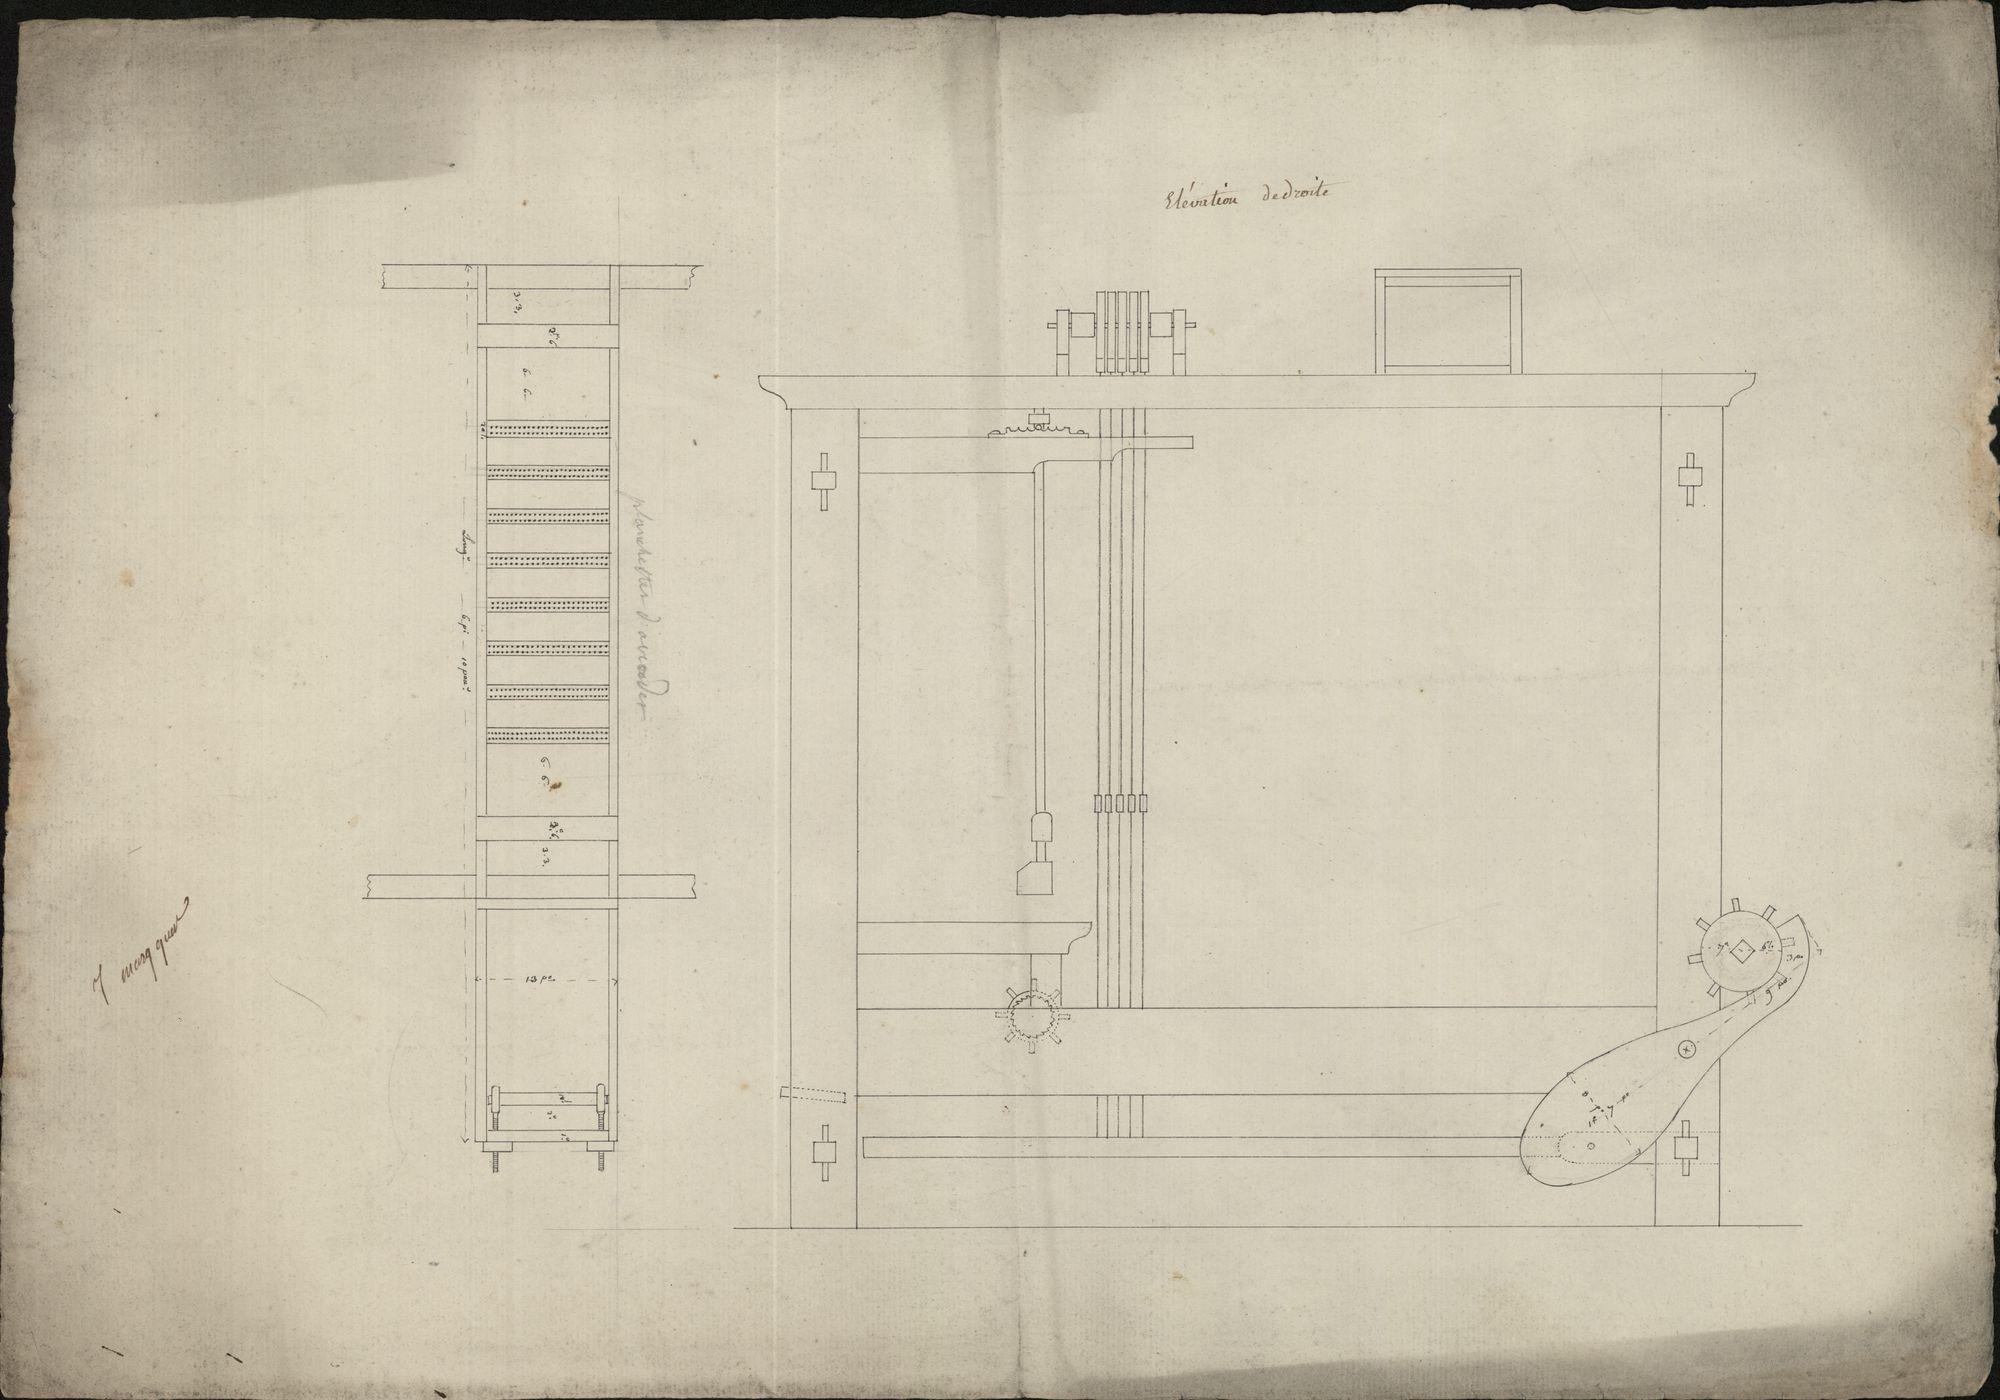 Bouwplannen van een weefgetouw, 19de eeuw